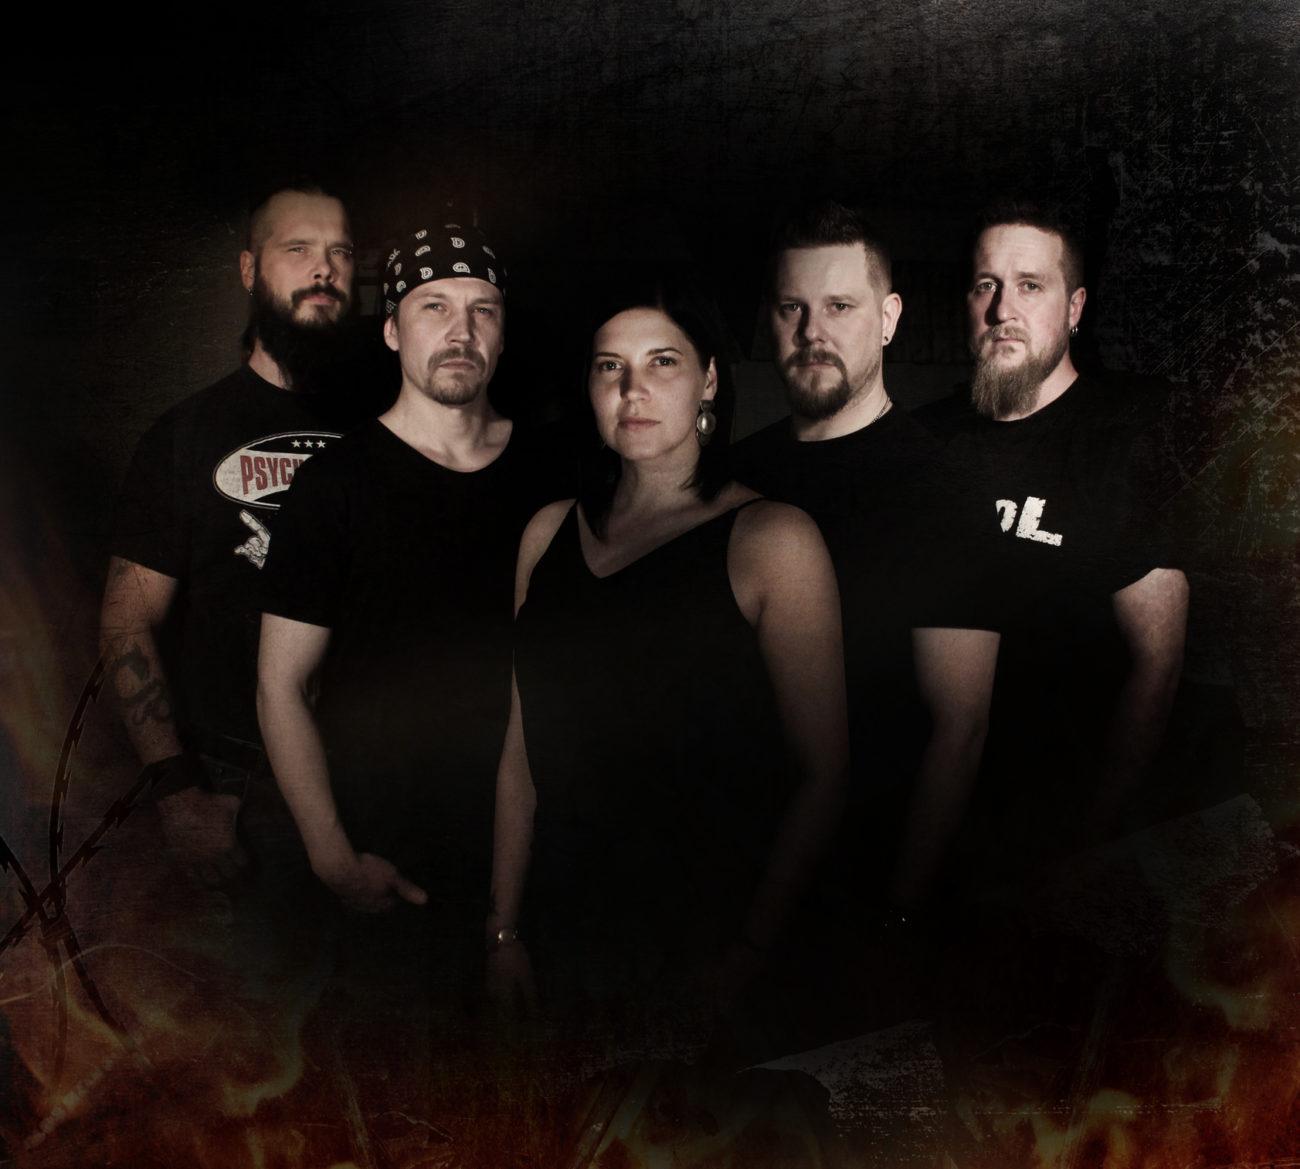 Oululainen Lost Division julkaisi ensimmäisen singlen ja musiikkivideon tulevalta debyyttialbumiltaan